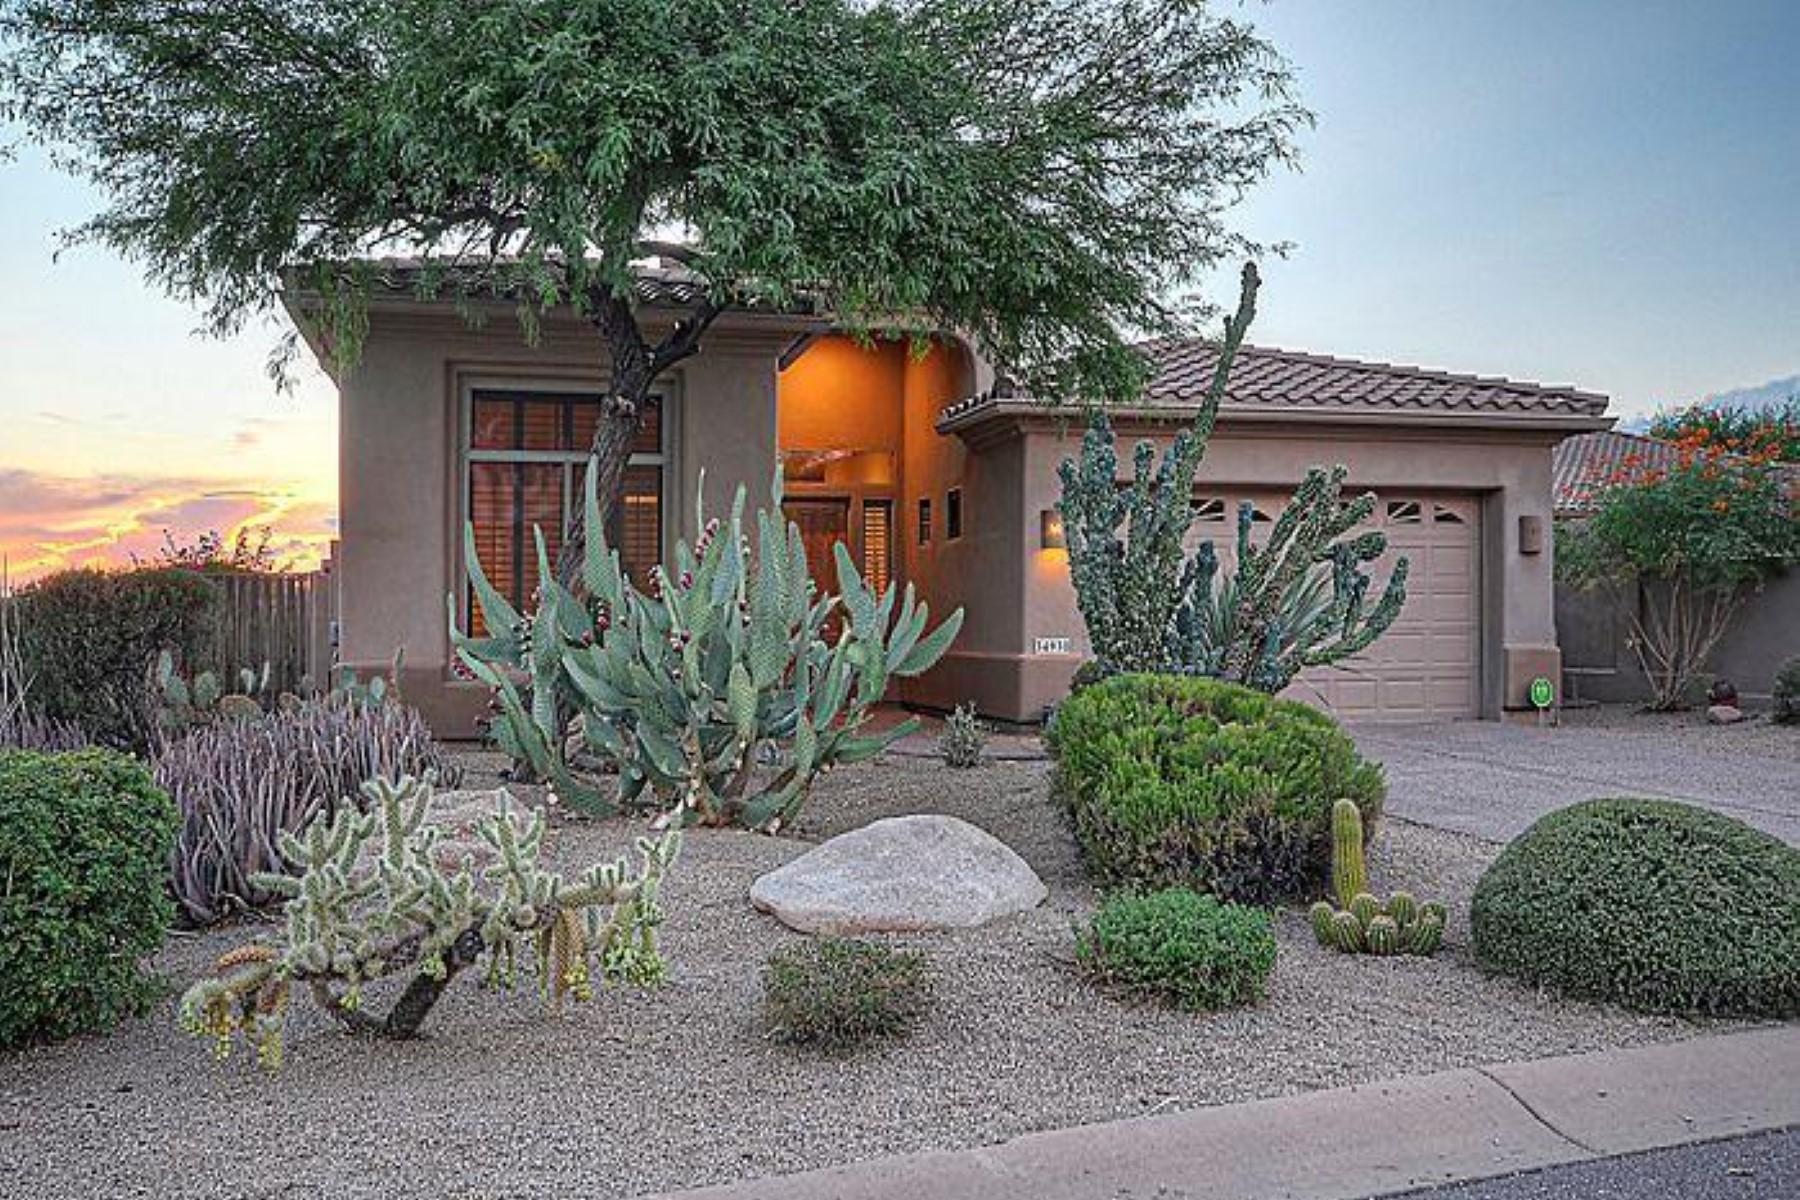 一戸建て のために 売買 アット Lovely home with the best desert unobstructed views in legend trail. 34938 N 92 PL Scottsdale, アリゾナ 85262 アメリカ合衆国